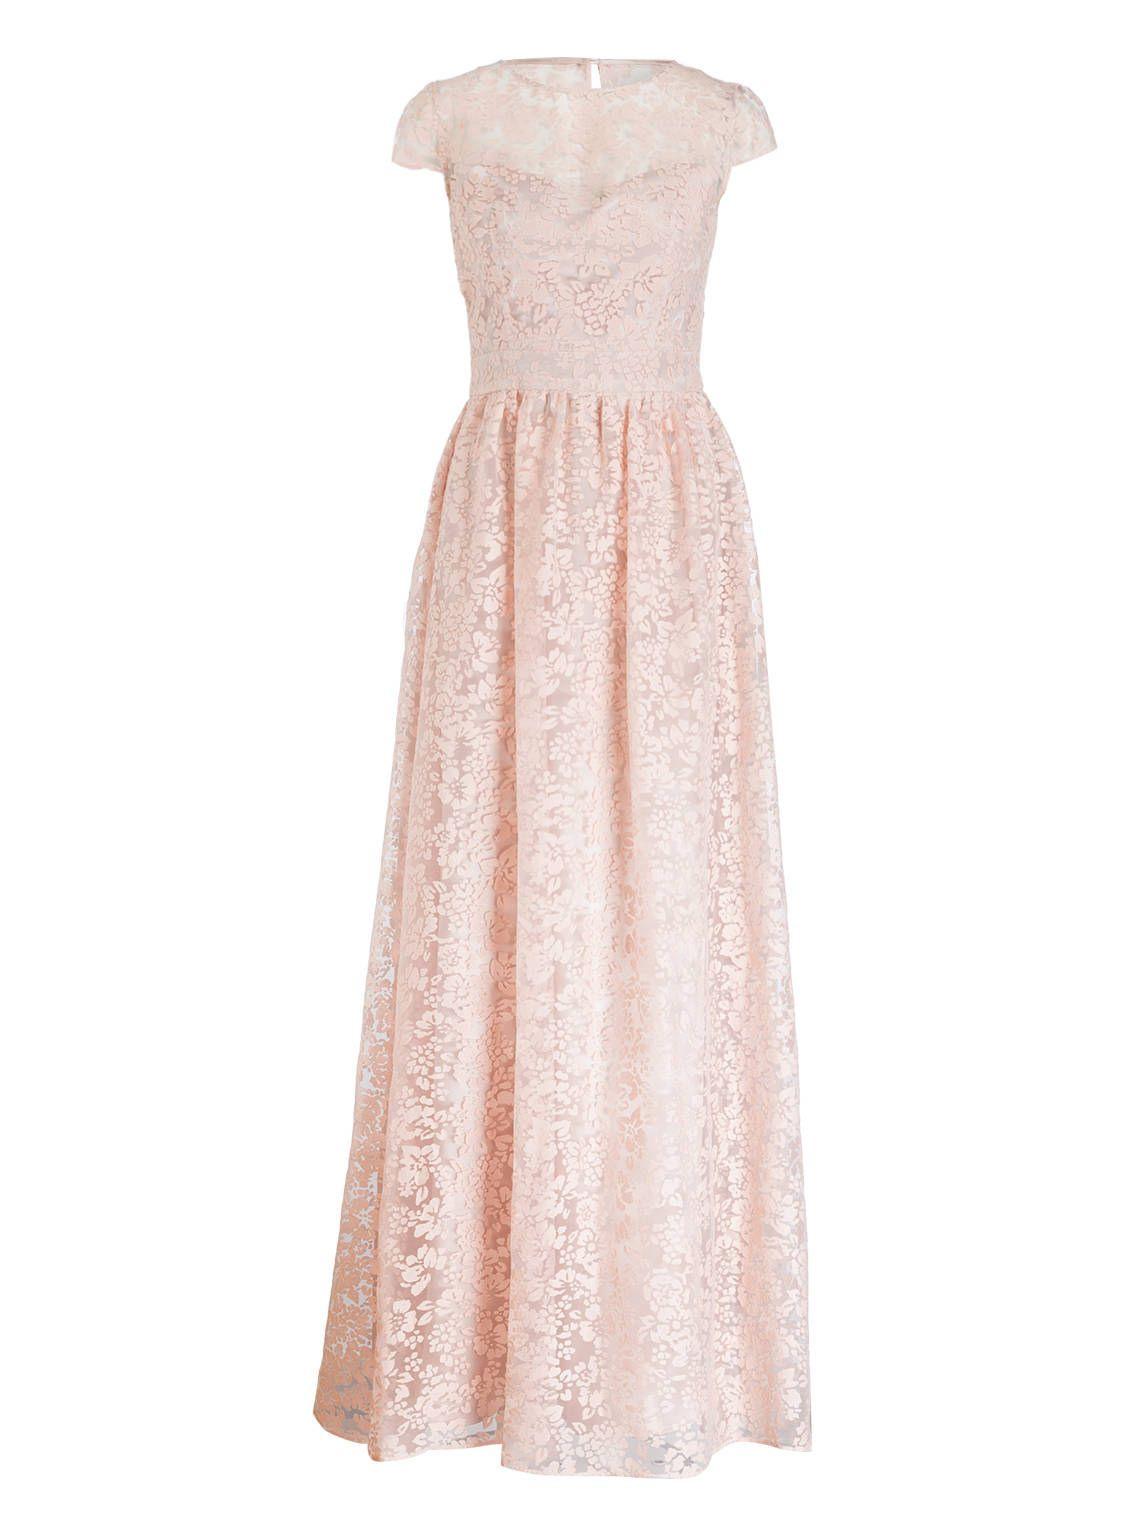 15 Schön Abendkleider Young Couture Design15 Fantastisch Abendkleider Young Couture Stylish